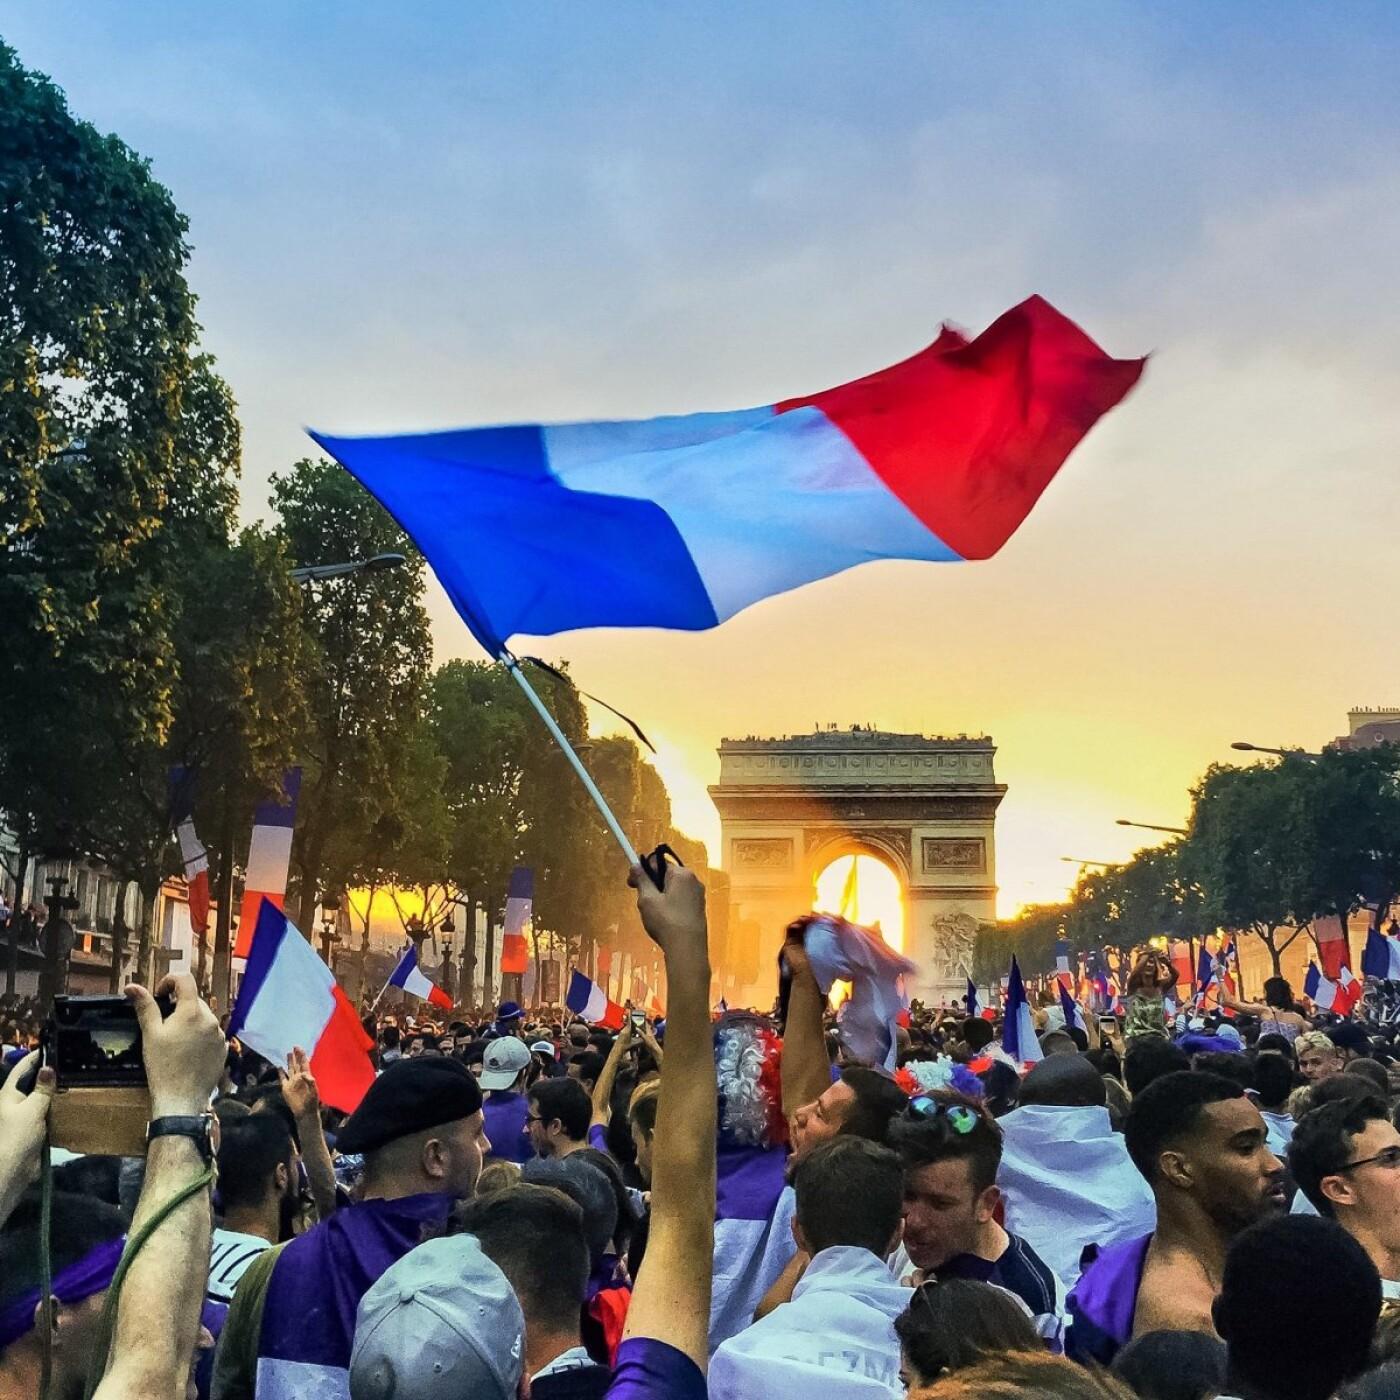 Humeur du jour : Quand y'a foot, tout va bien pour l'humeur des Français ! - 23 06 2021 - StereoChic Radio